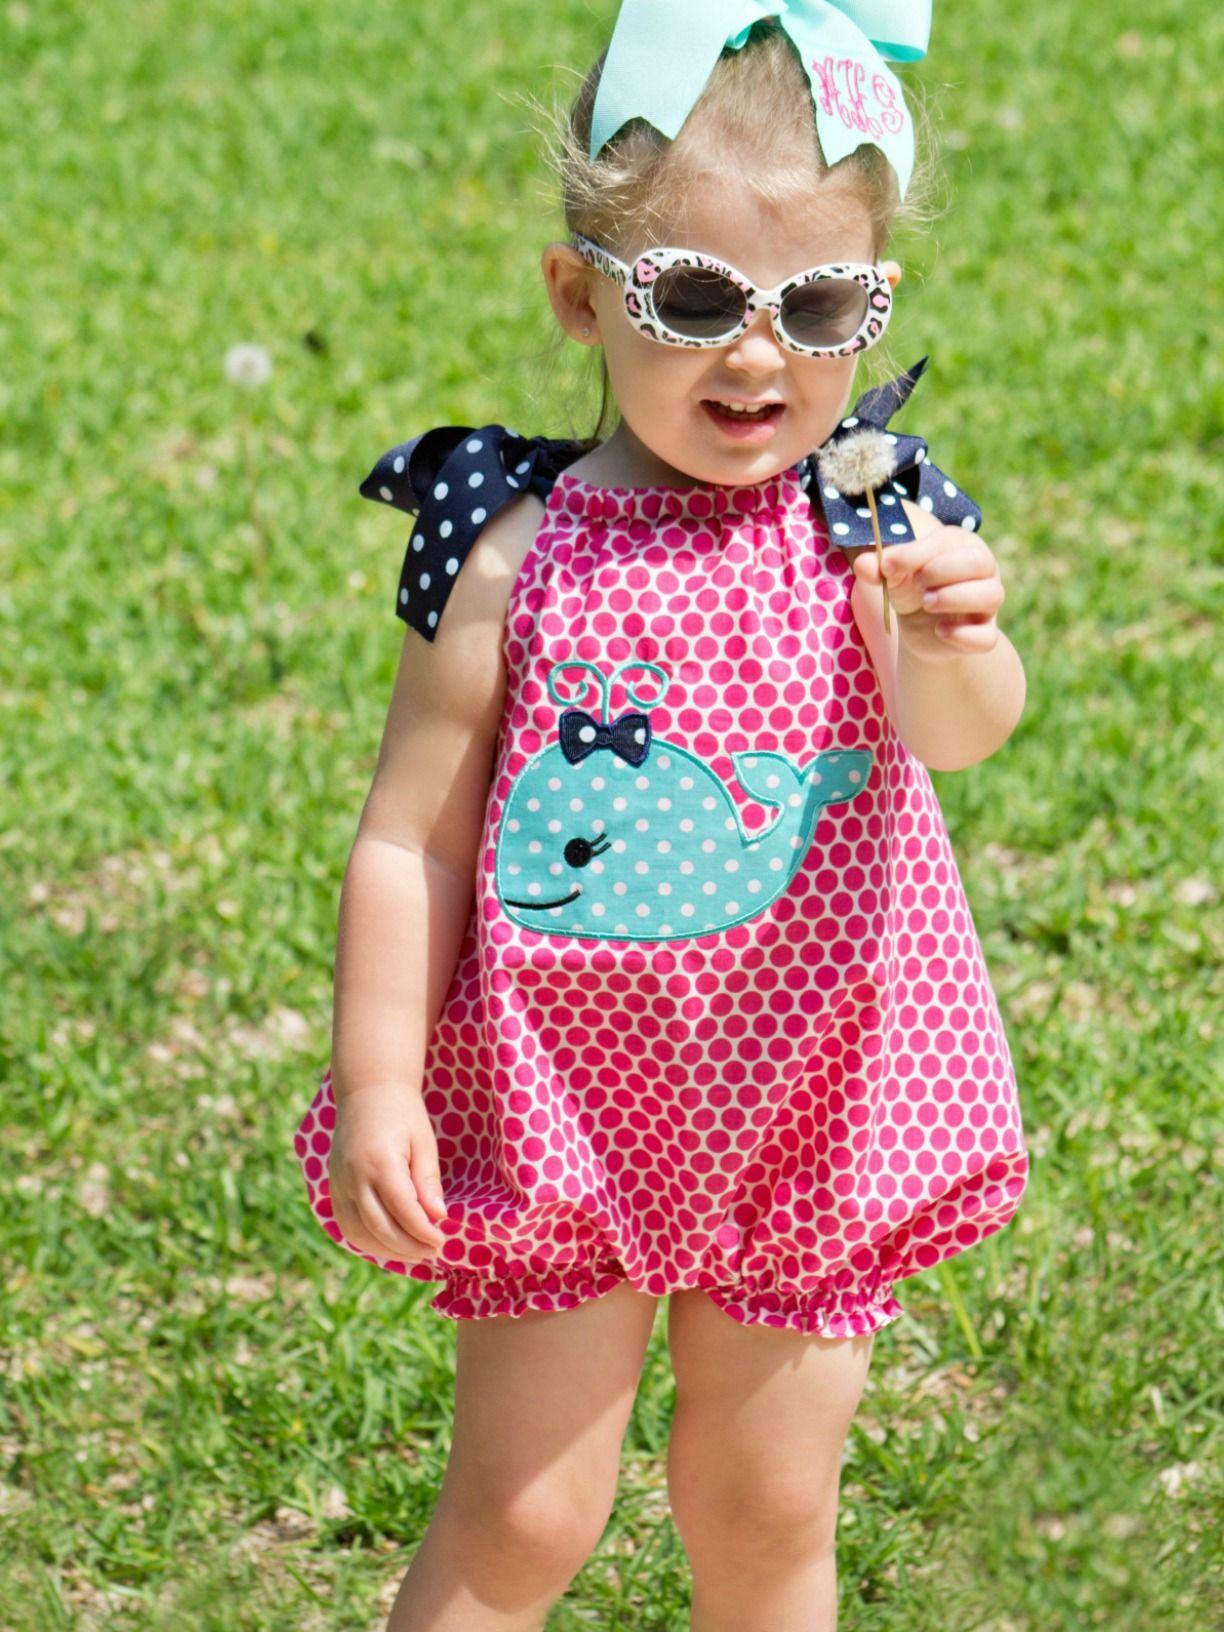 Baby Bubble Romper PDF Sewing Pattern | Nähen für kinder, Nähen und ...